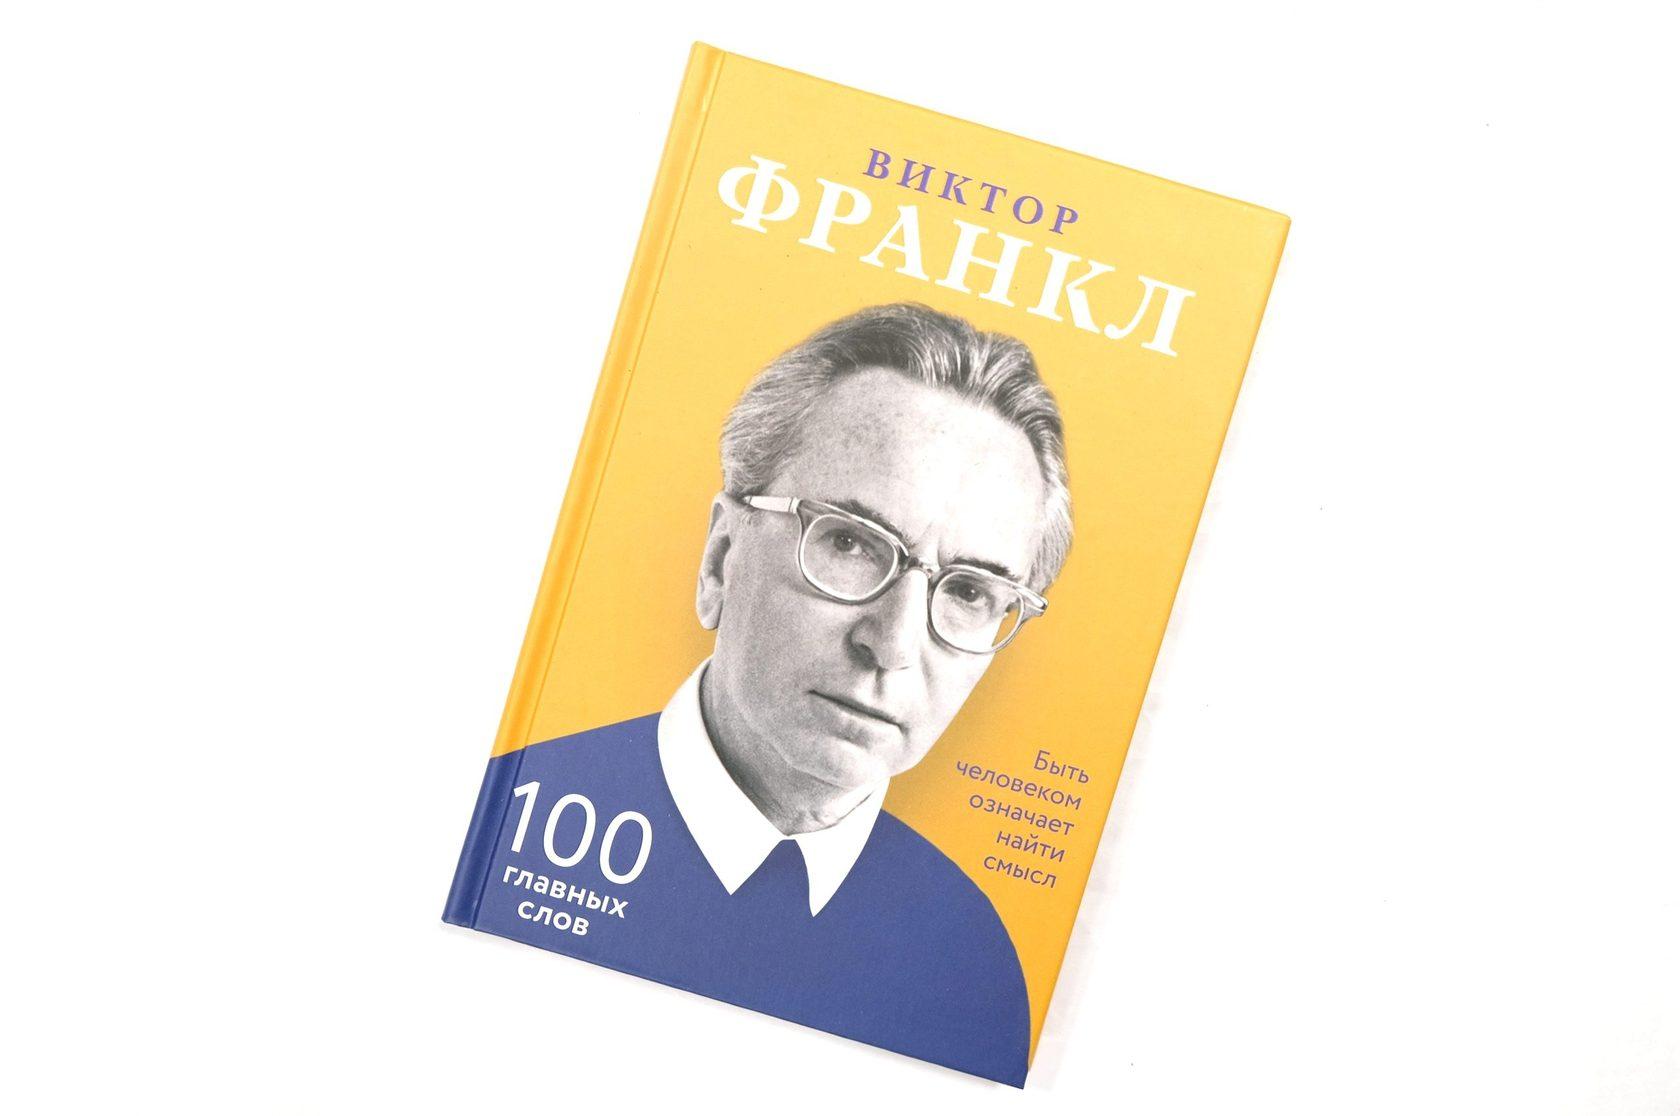 Виктор Франкл «Быть человеком означает найти смысл. 100 главных слов»